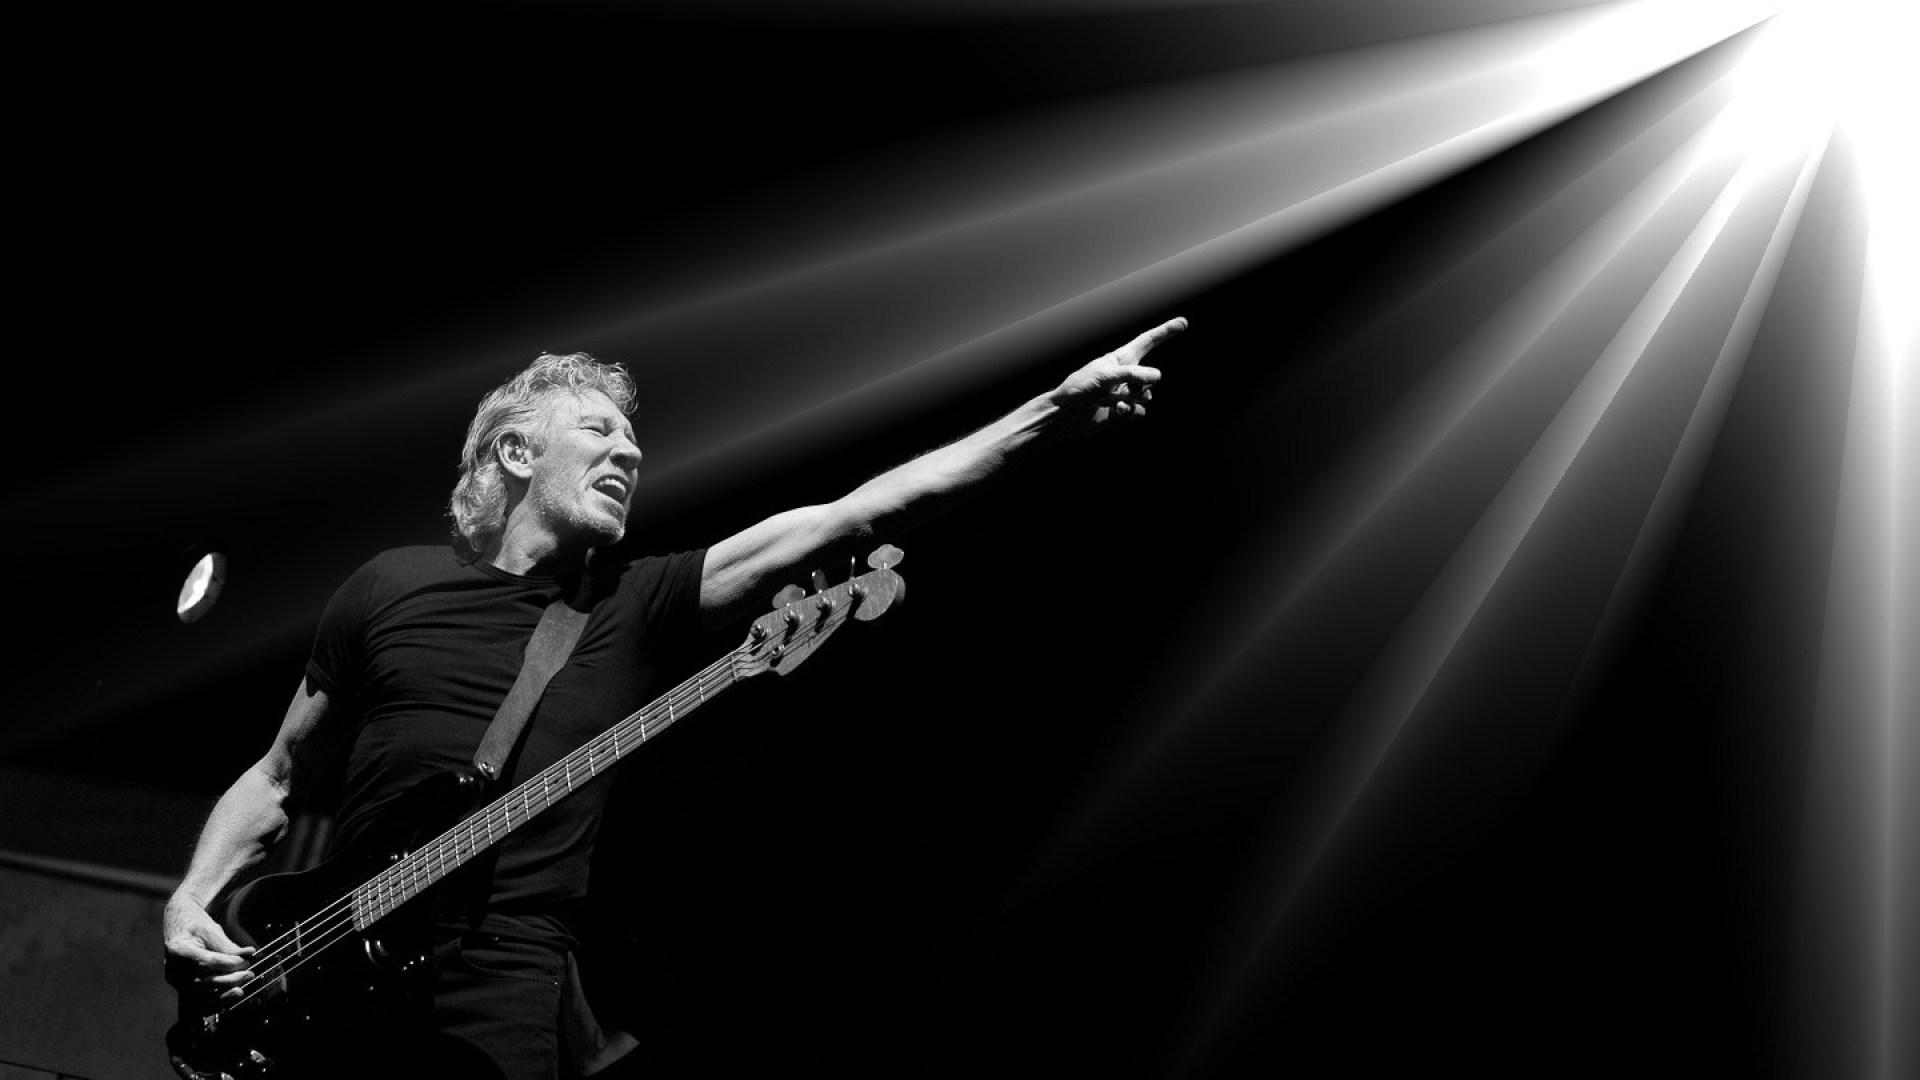 Πώς σκατά έφτασε η γερμανική τηλεόραση να κατηγορεί τον Roger Waters για αντισημιτισμό;